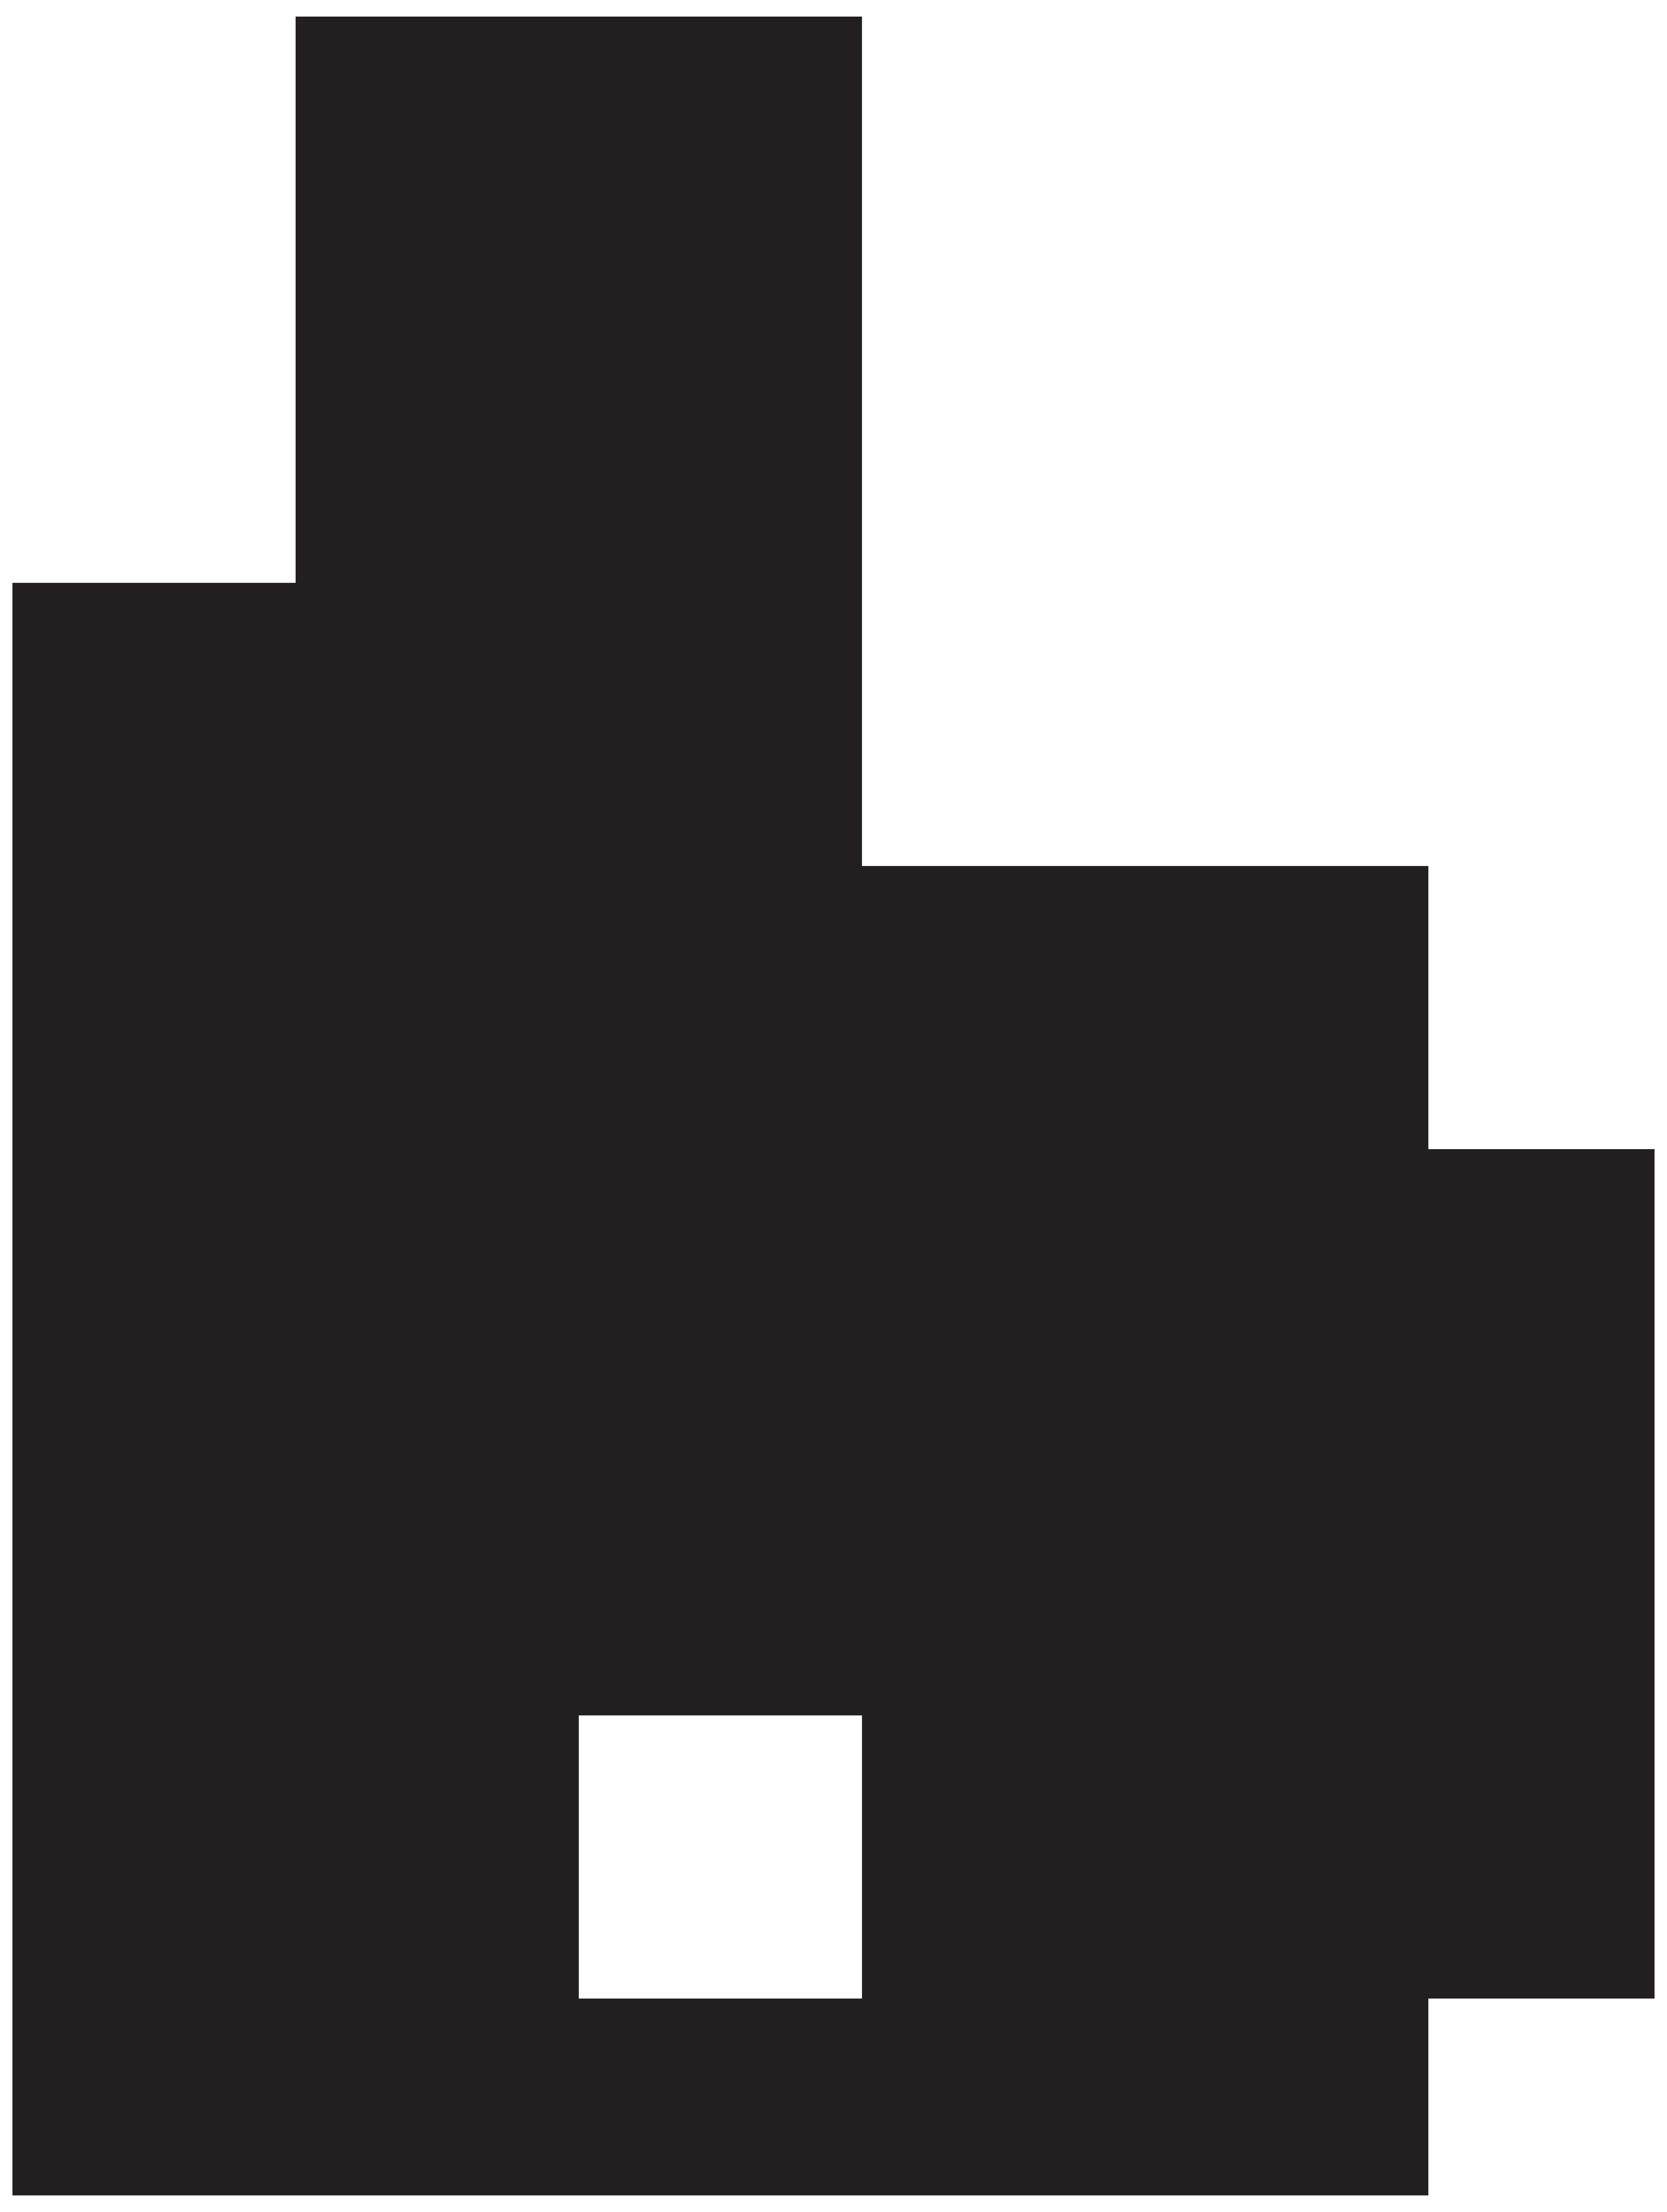 Mermaid Silhouette Png Clip Art Gallery Yopriceville High Mermaid Images Mermaid Drawings Mermaid Art